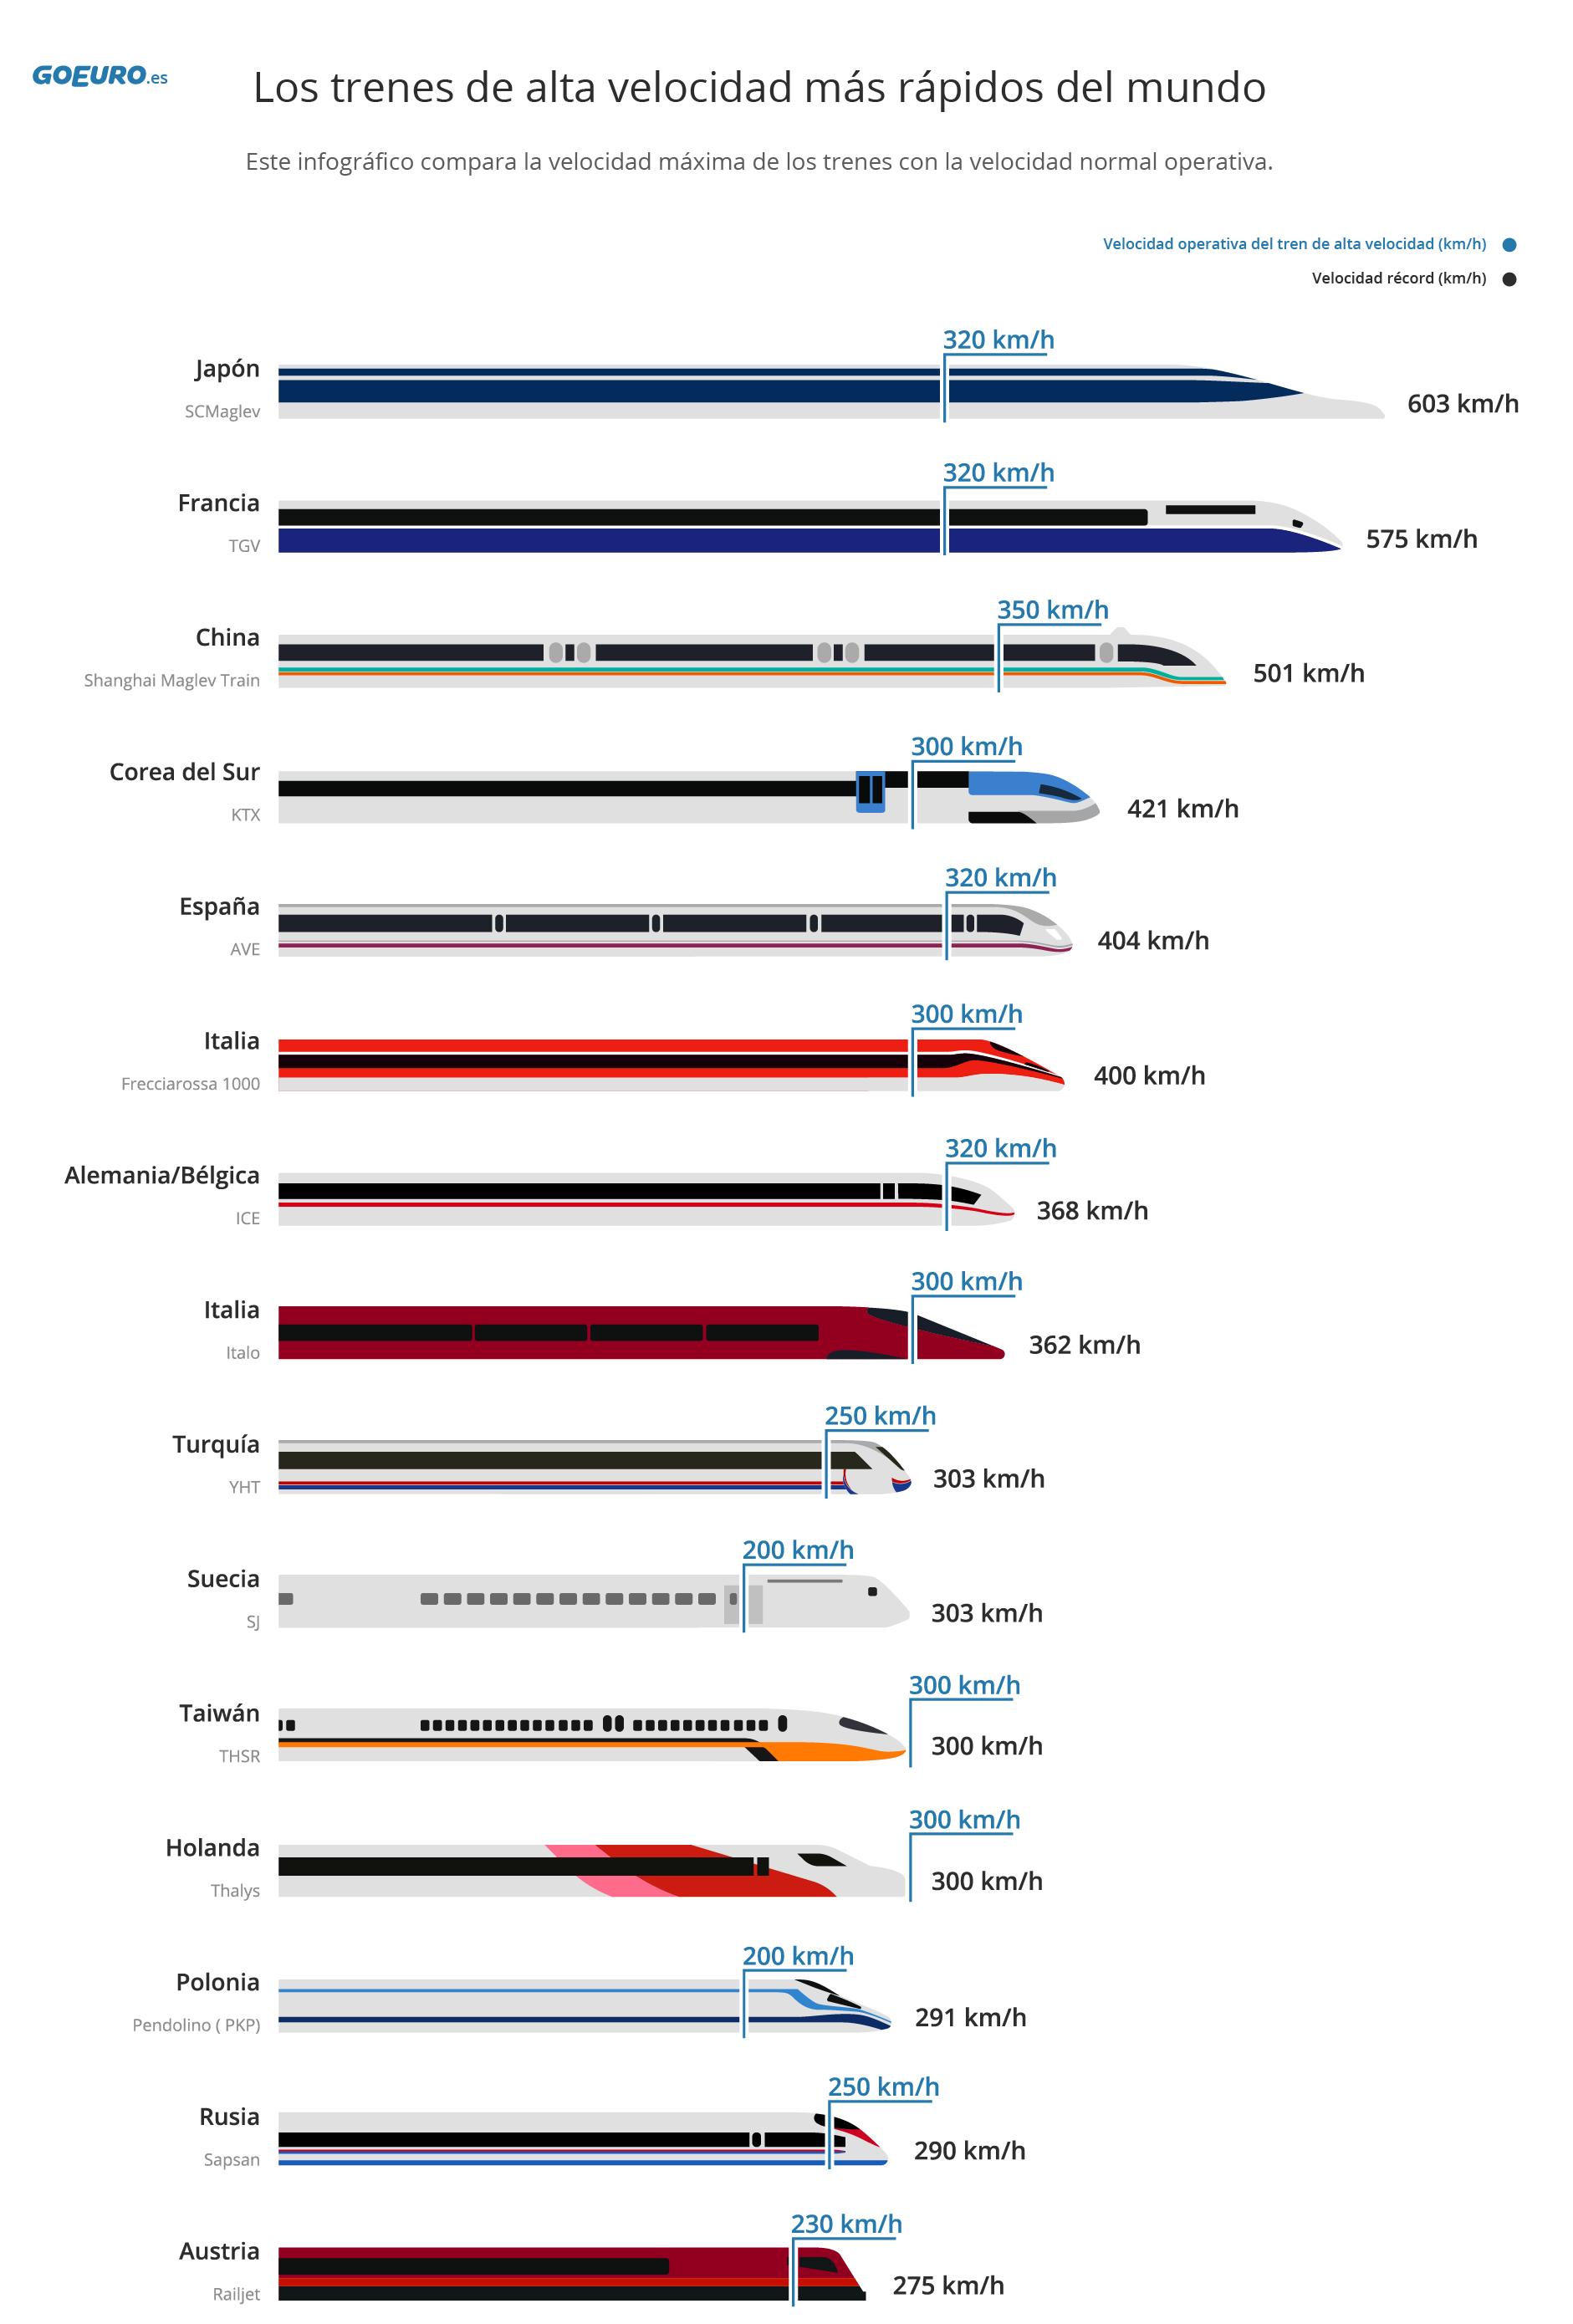 Los trenes de alta velocidad más rápidos del mundo